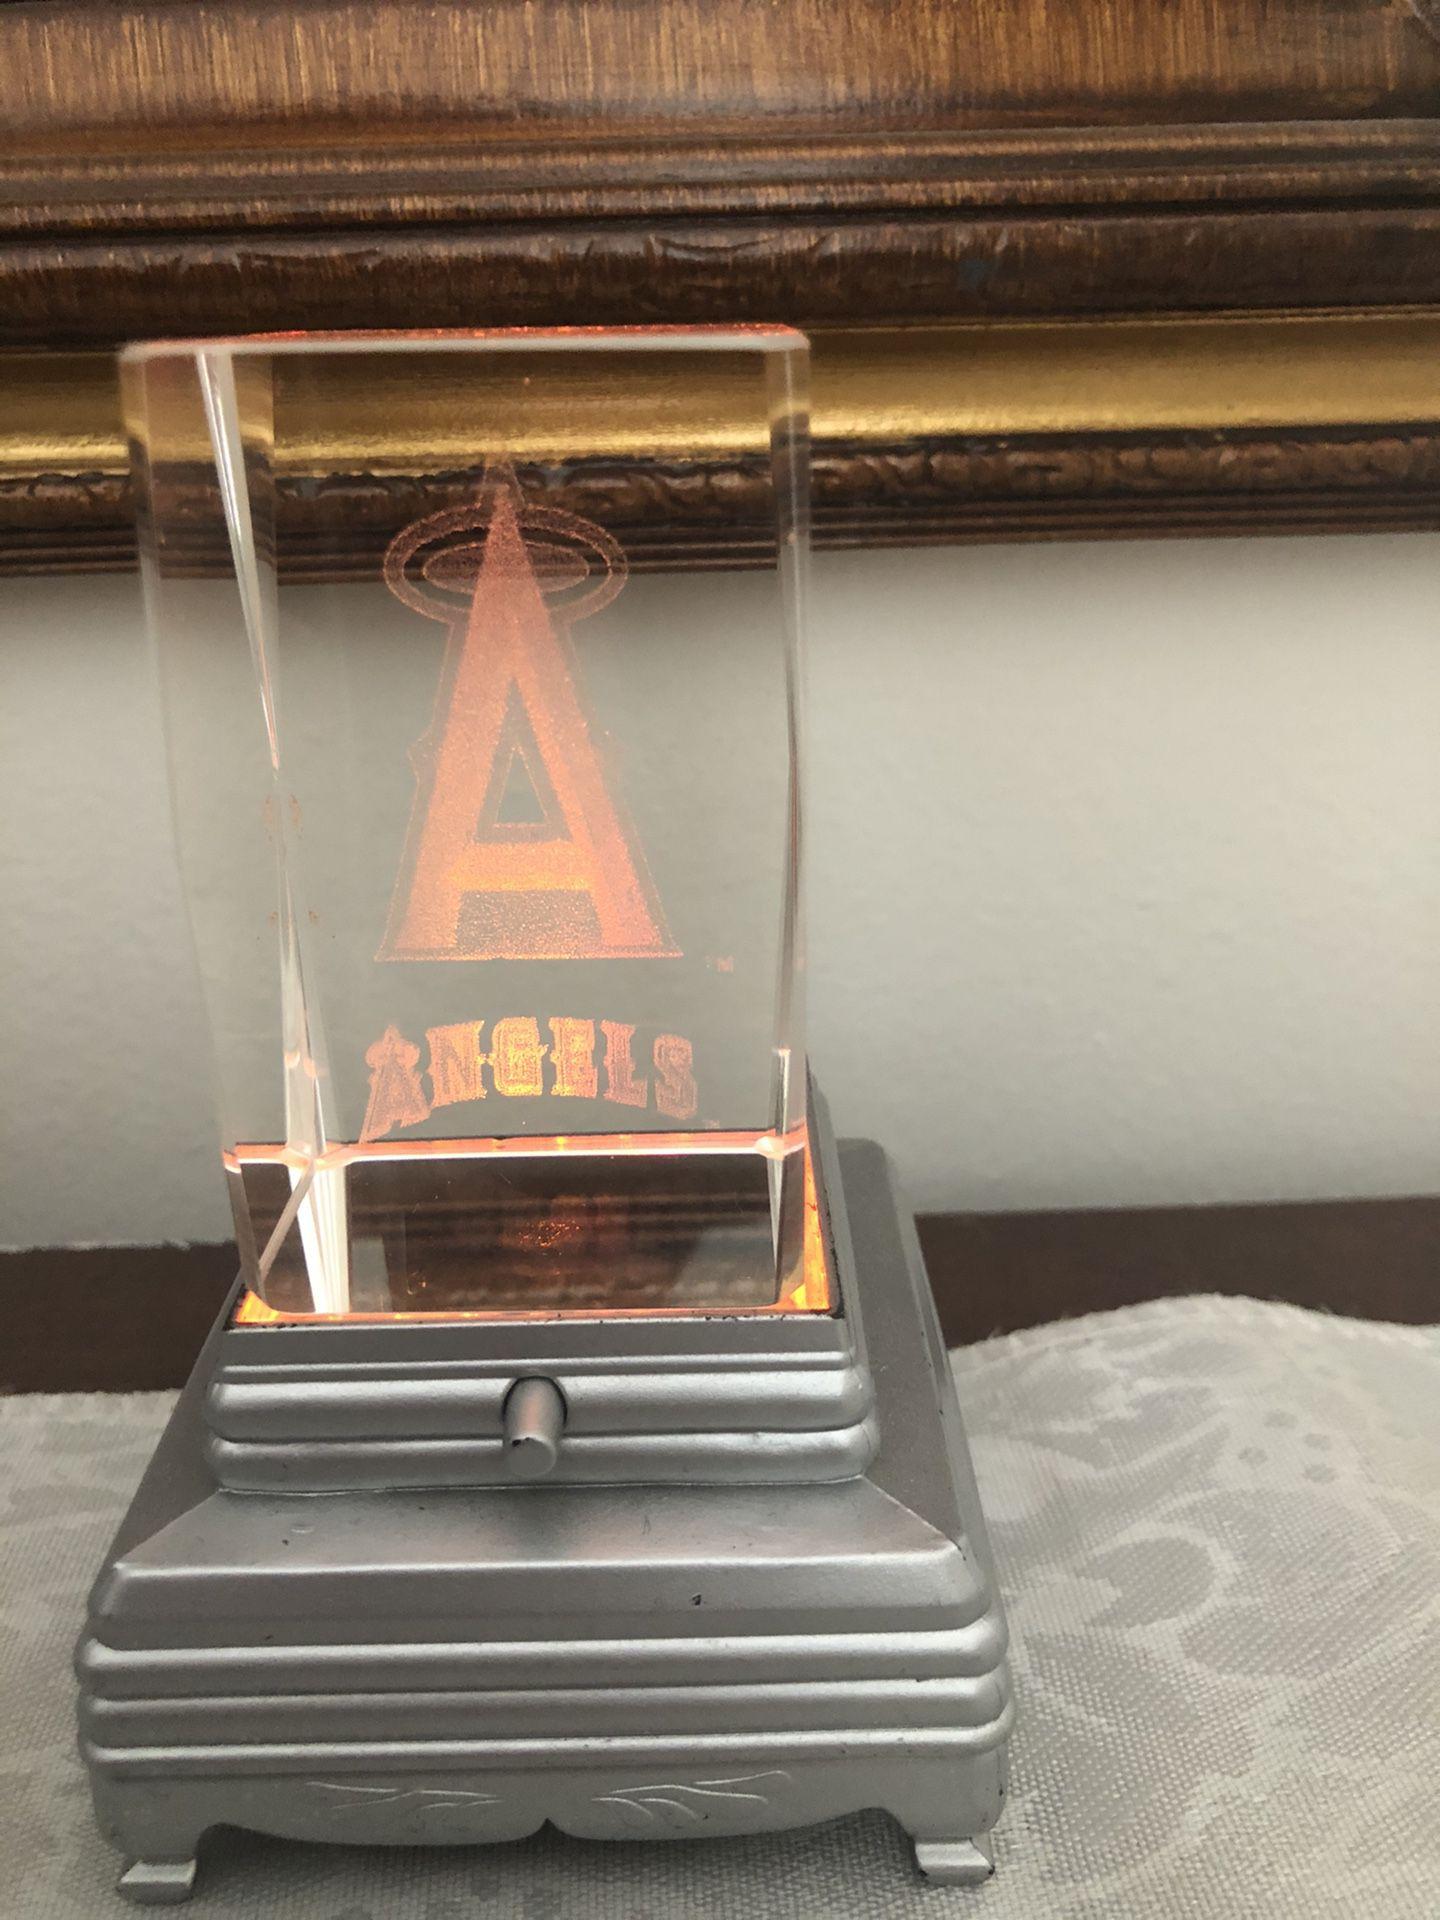 Anaheim angels glass light